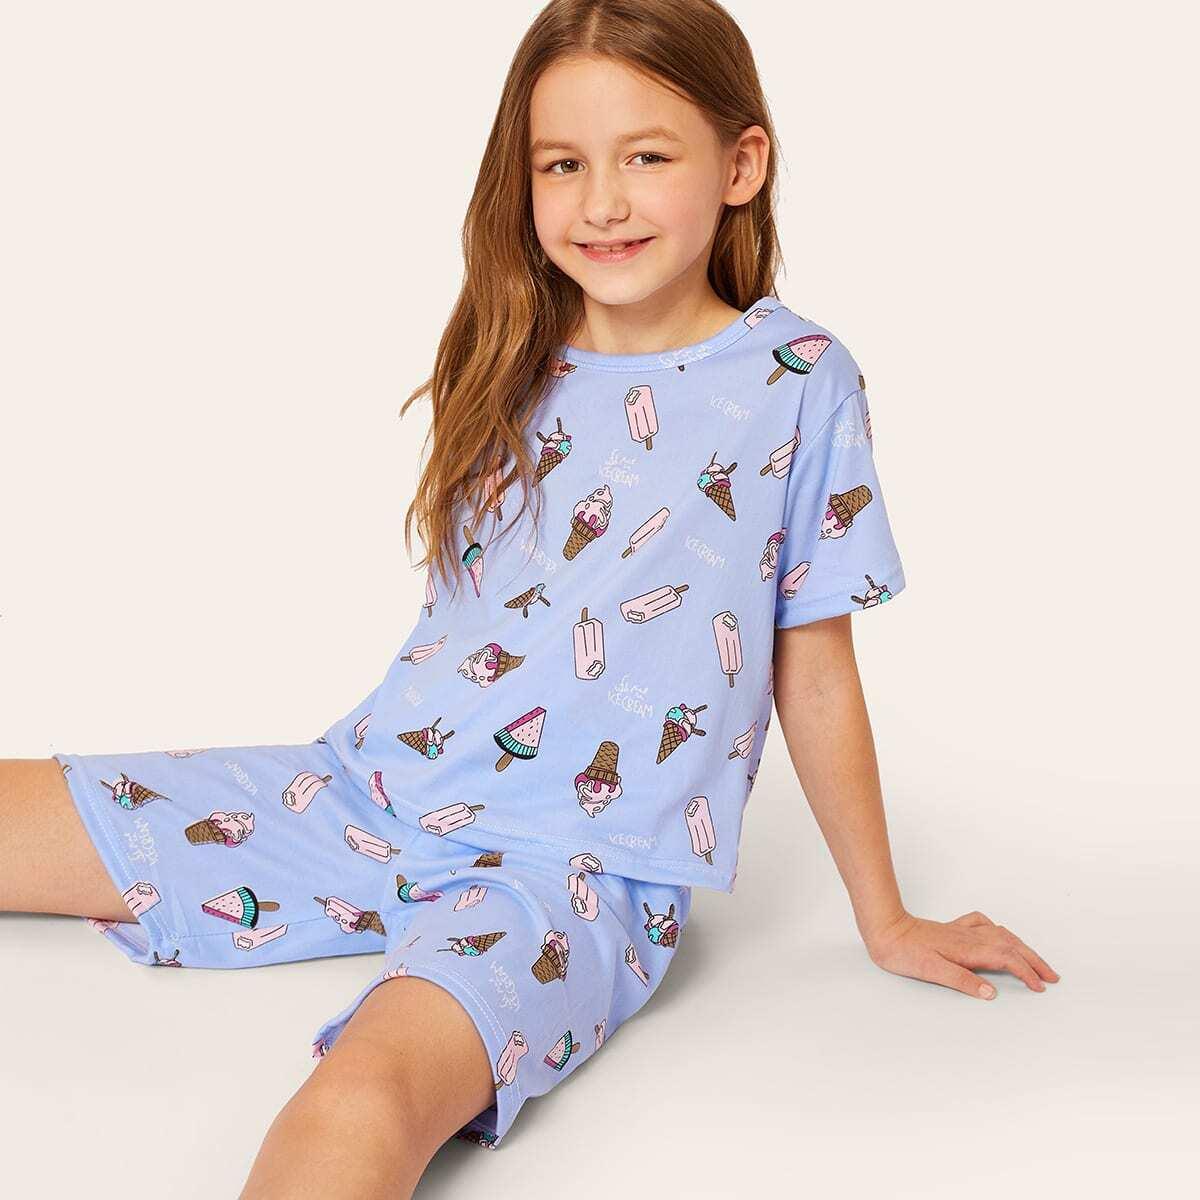 Пижама комплект с графическим принтом для девочек от SHEIN